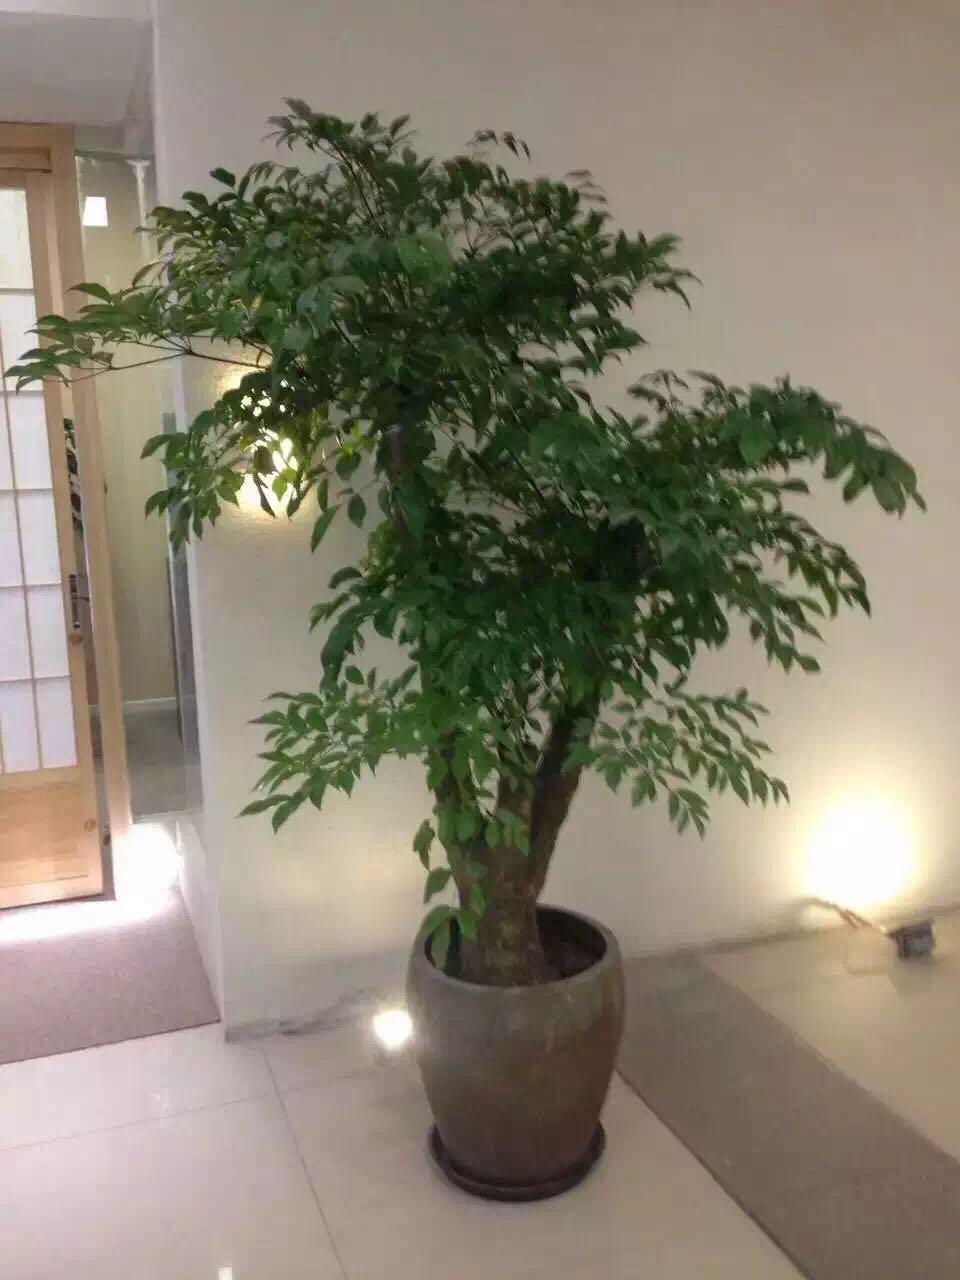 哈尔滨花卉租赁|哈尔滨绿植-来找哈尔滨优悦花卉